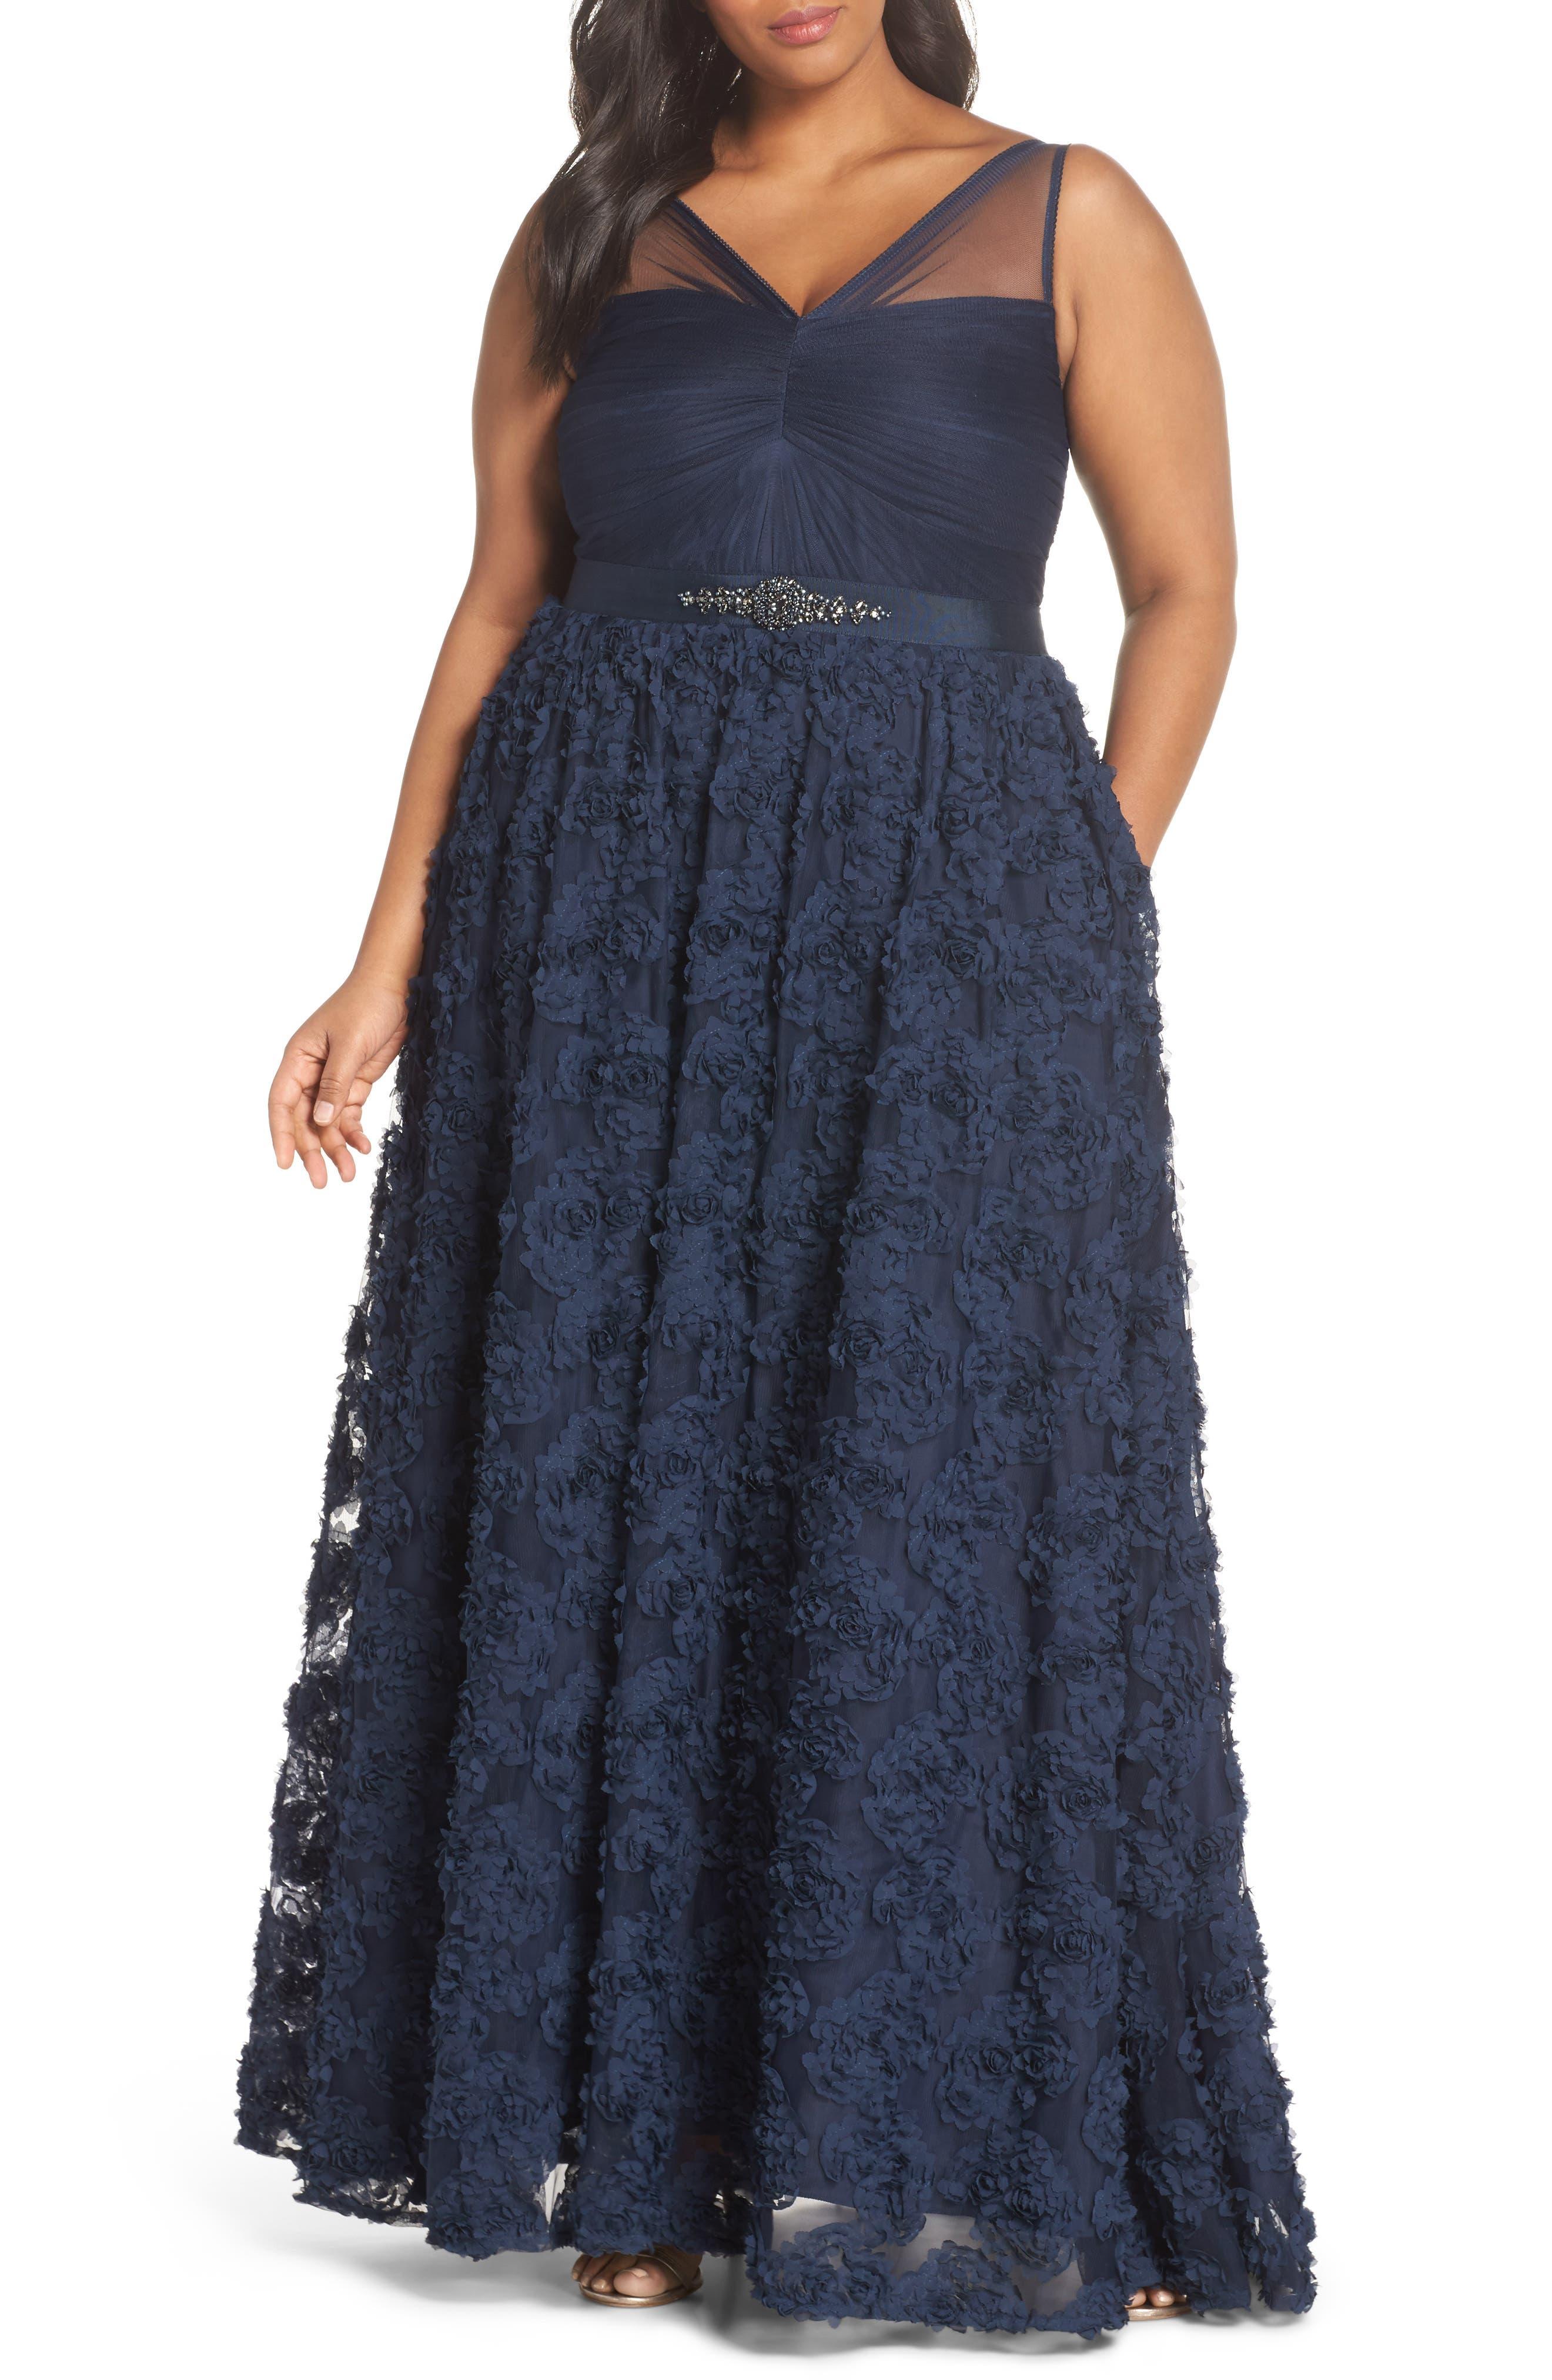 Fancy Plus Size Cocktail Dresses